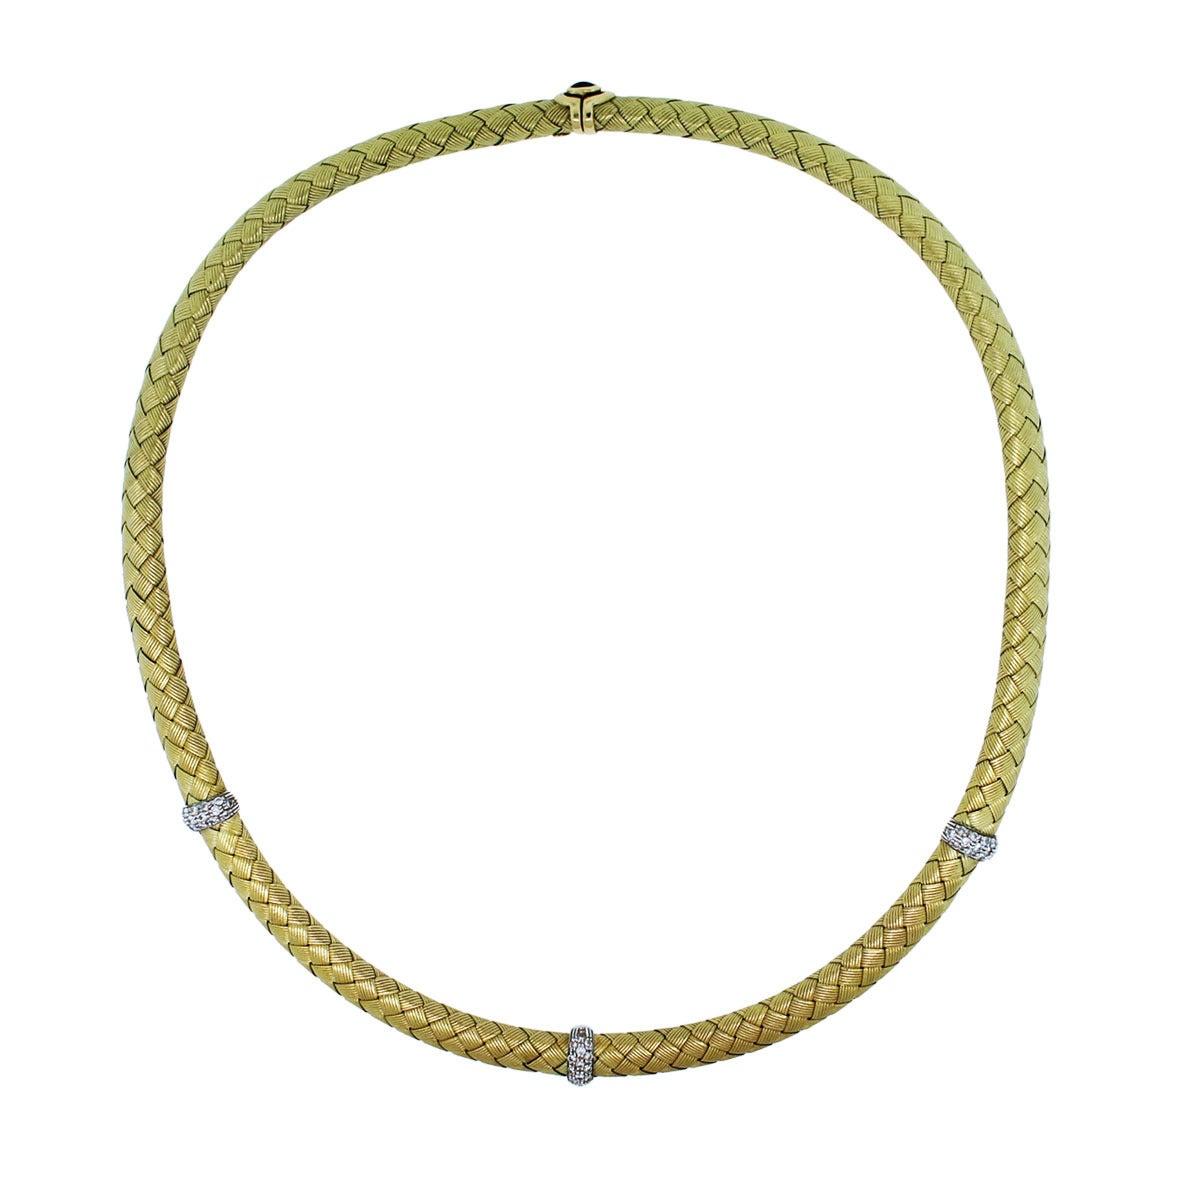 Roberto Coin Silk Woven Diamond Gold Choker Necklace At